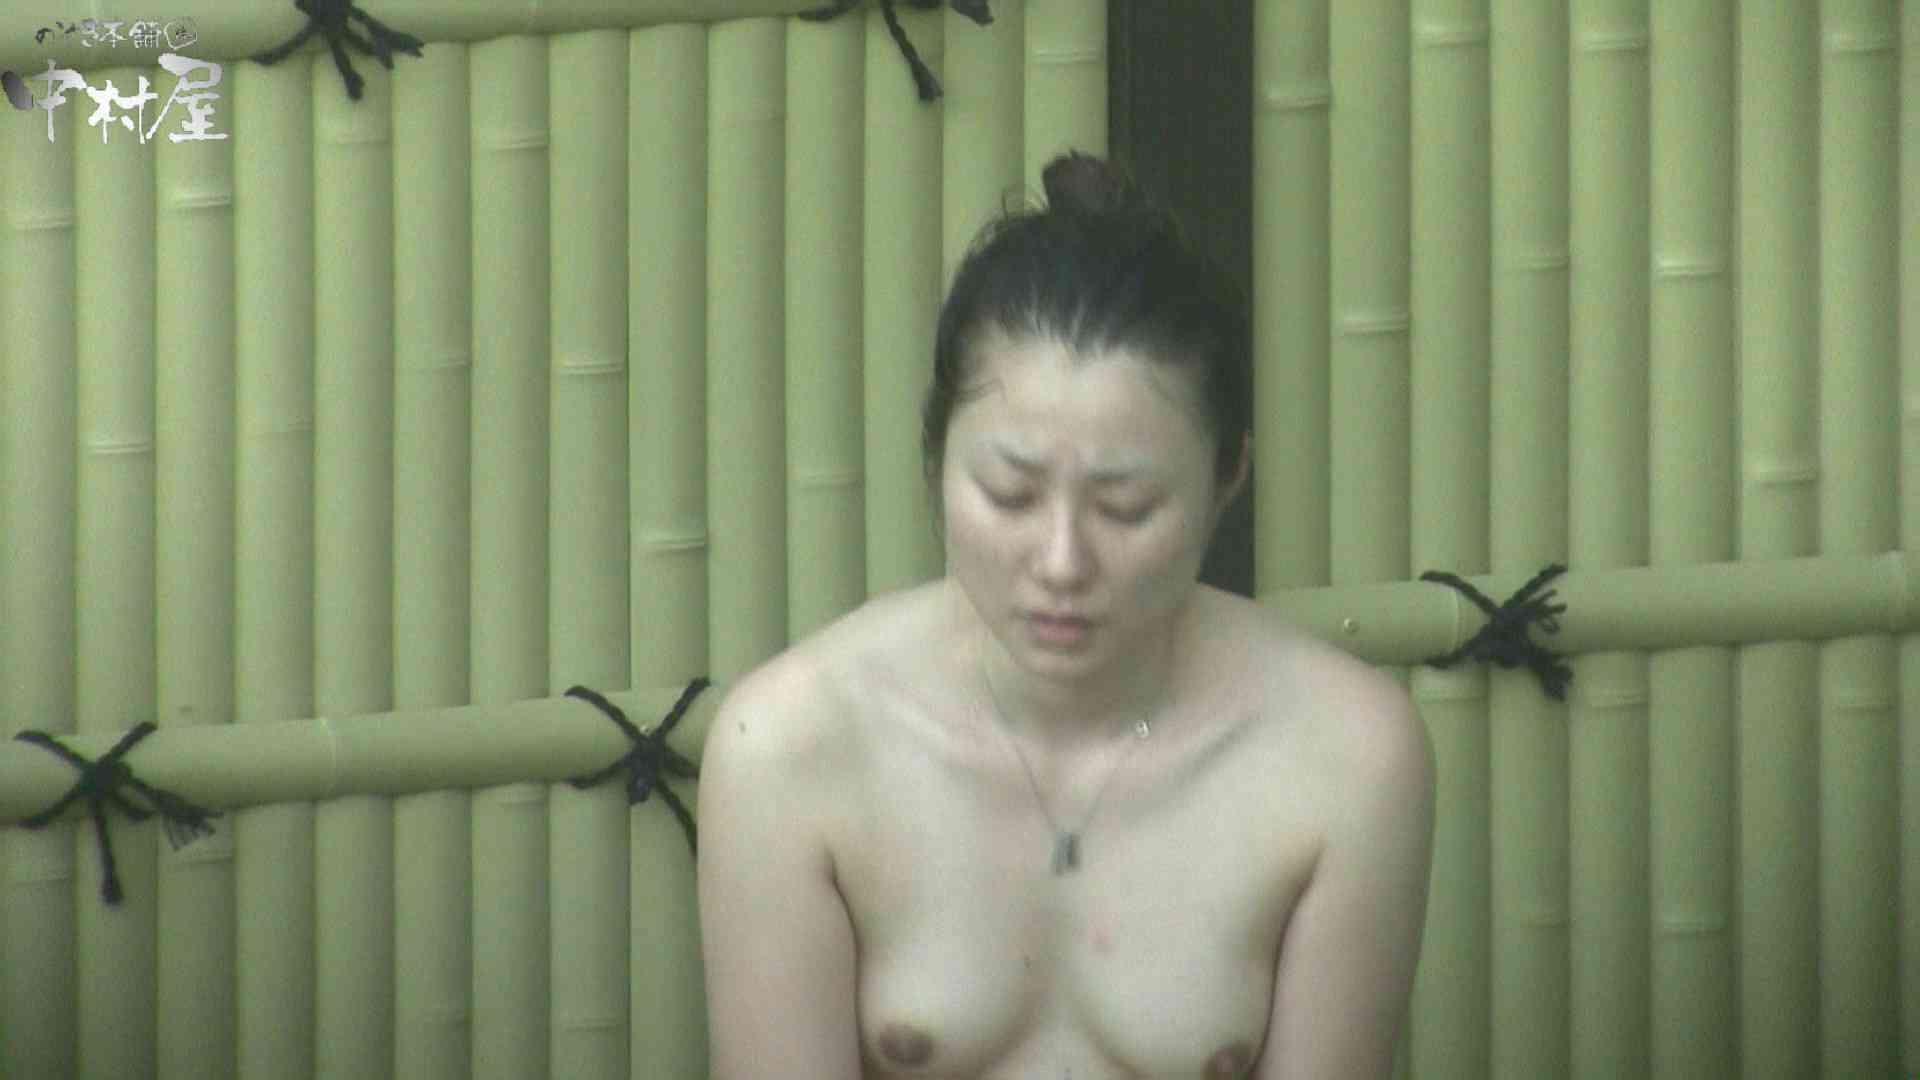 Aquaな露天風呂Vol.969 盗撮   OLのエロ生活  86連発 28